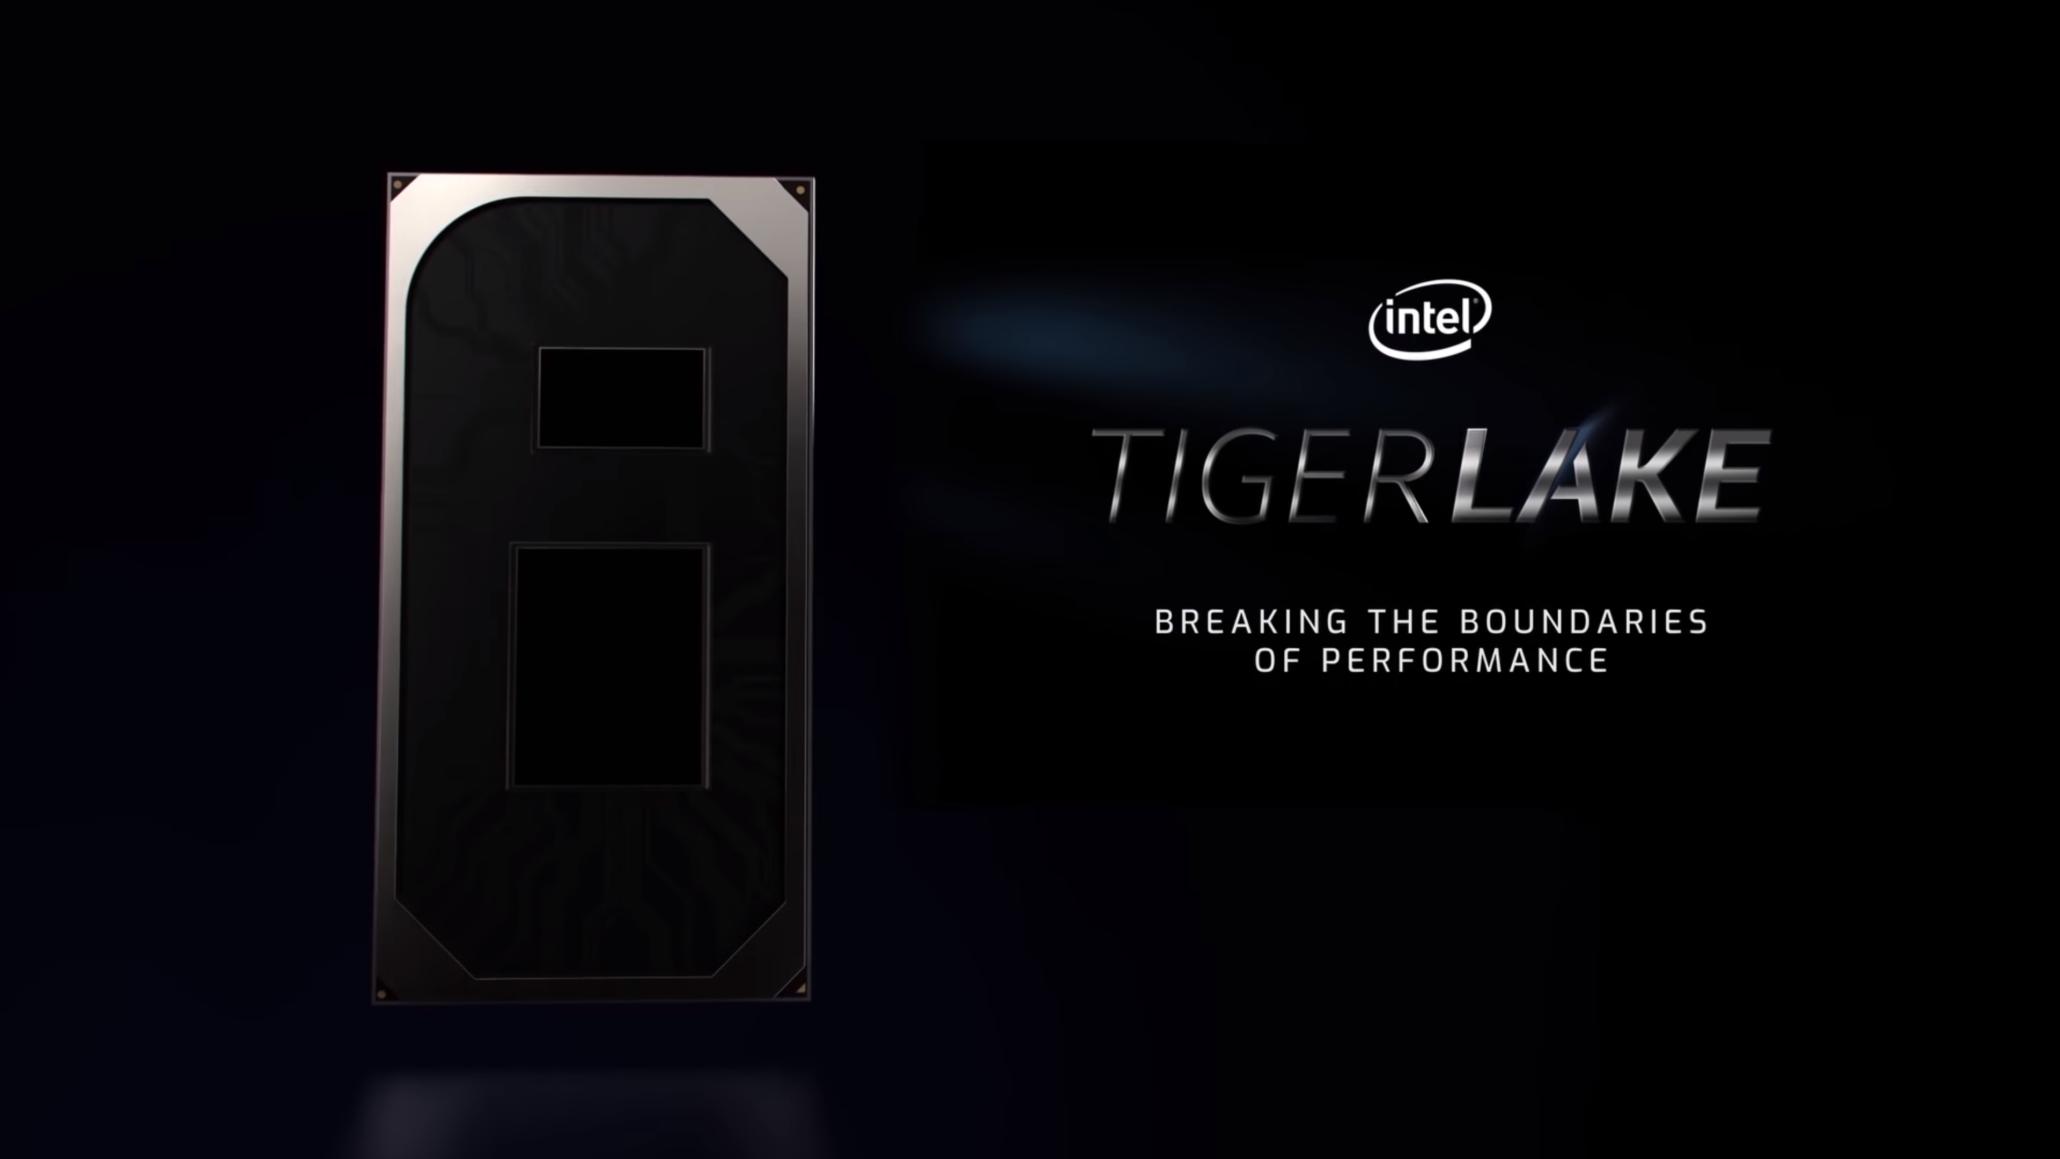 Intel Menunjukkan Tiger Lake CPU Die miliknya, Detail Mengenai Apa yang Baru & Apa yang Sama di 11th Gen Mobility Lineup-nya